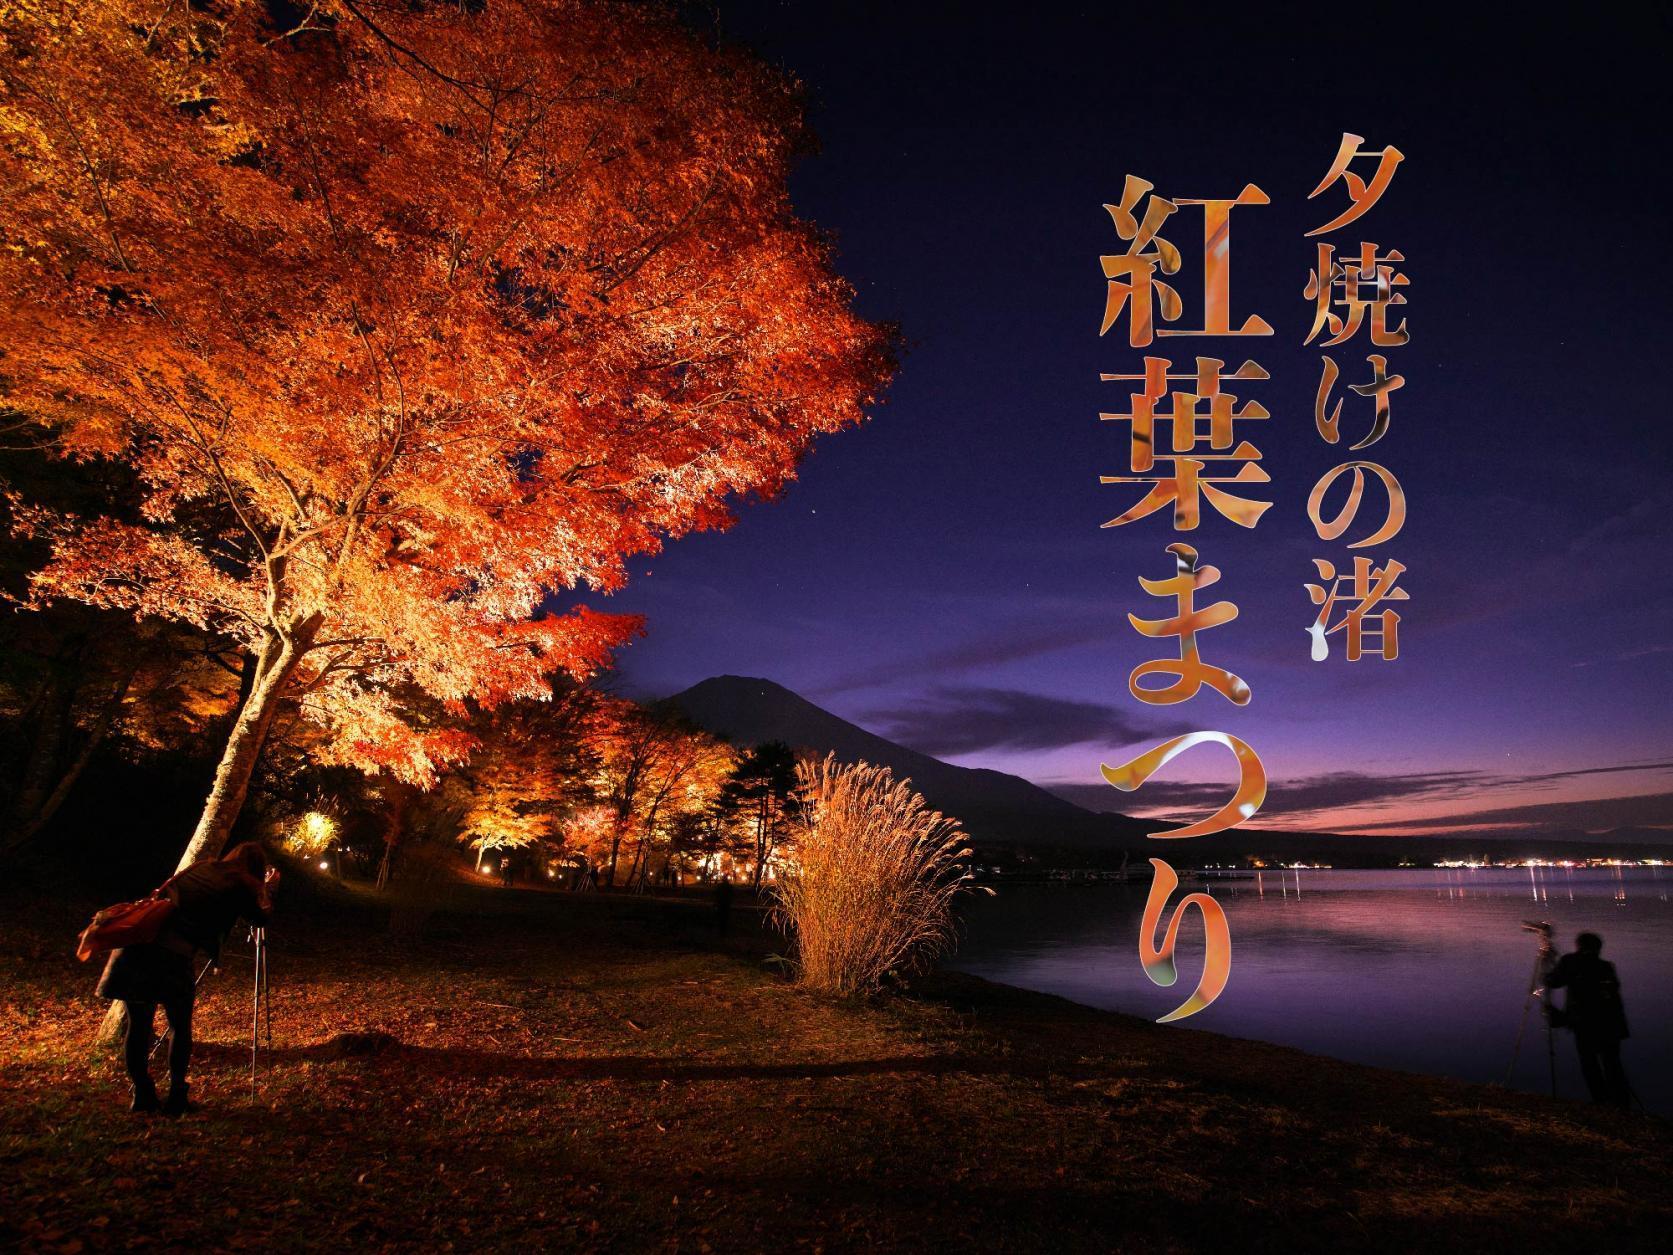 夕焼けの渚 紅葉まつり 開催のお知らせ-1